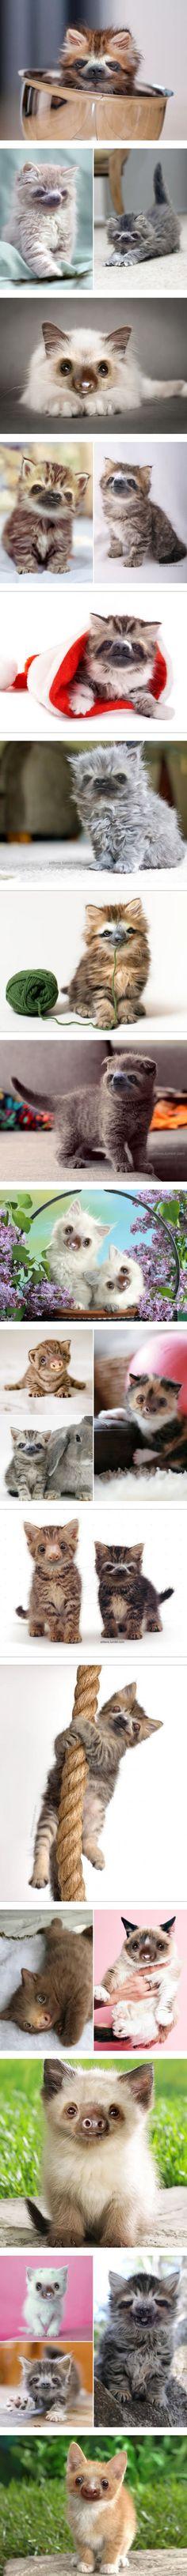 Sloths + Kittens = Slittens